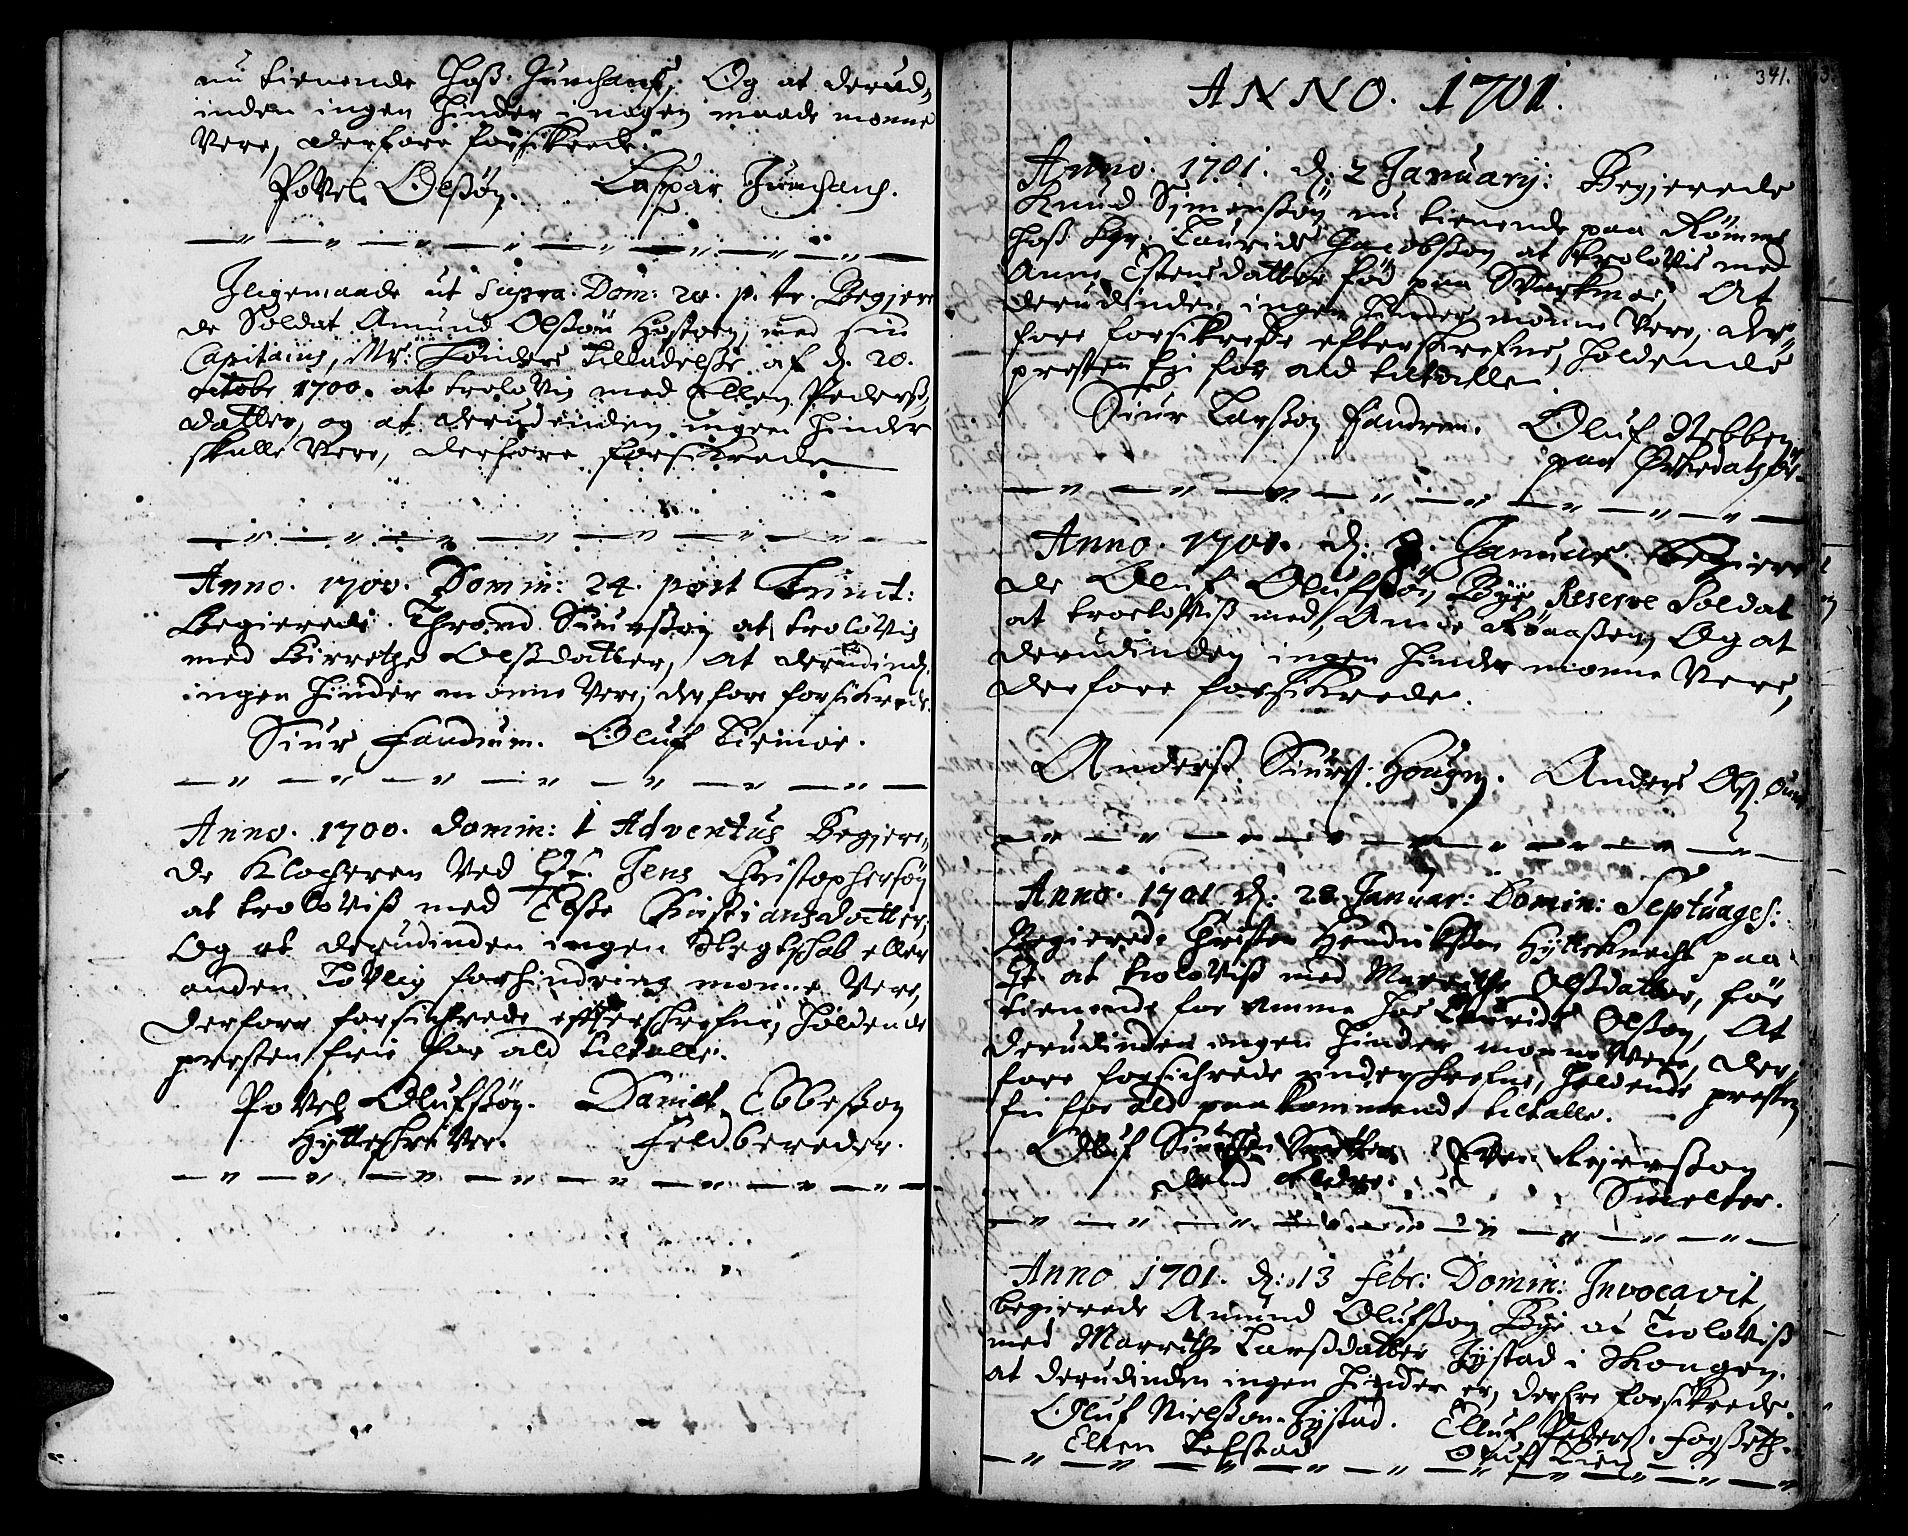 SAT, Ministerialprotokoller, klokkerbøker og fødselsregistre - Sør-Trøndelag, 668/L0801: Ministerialbok nr. 668A01, 1695-1716, s. 340-341